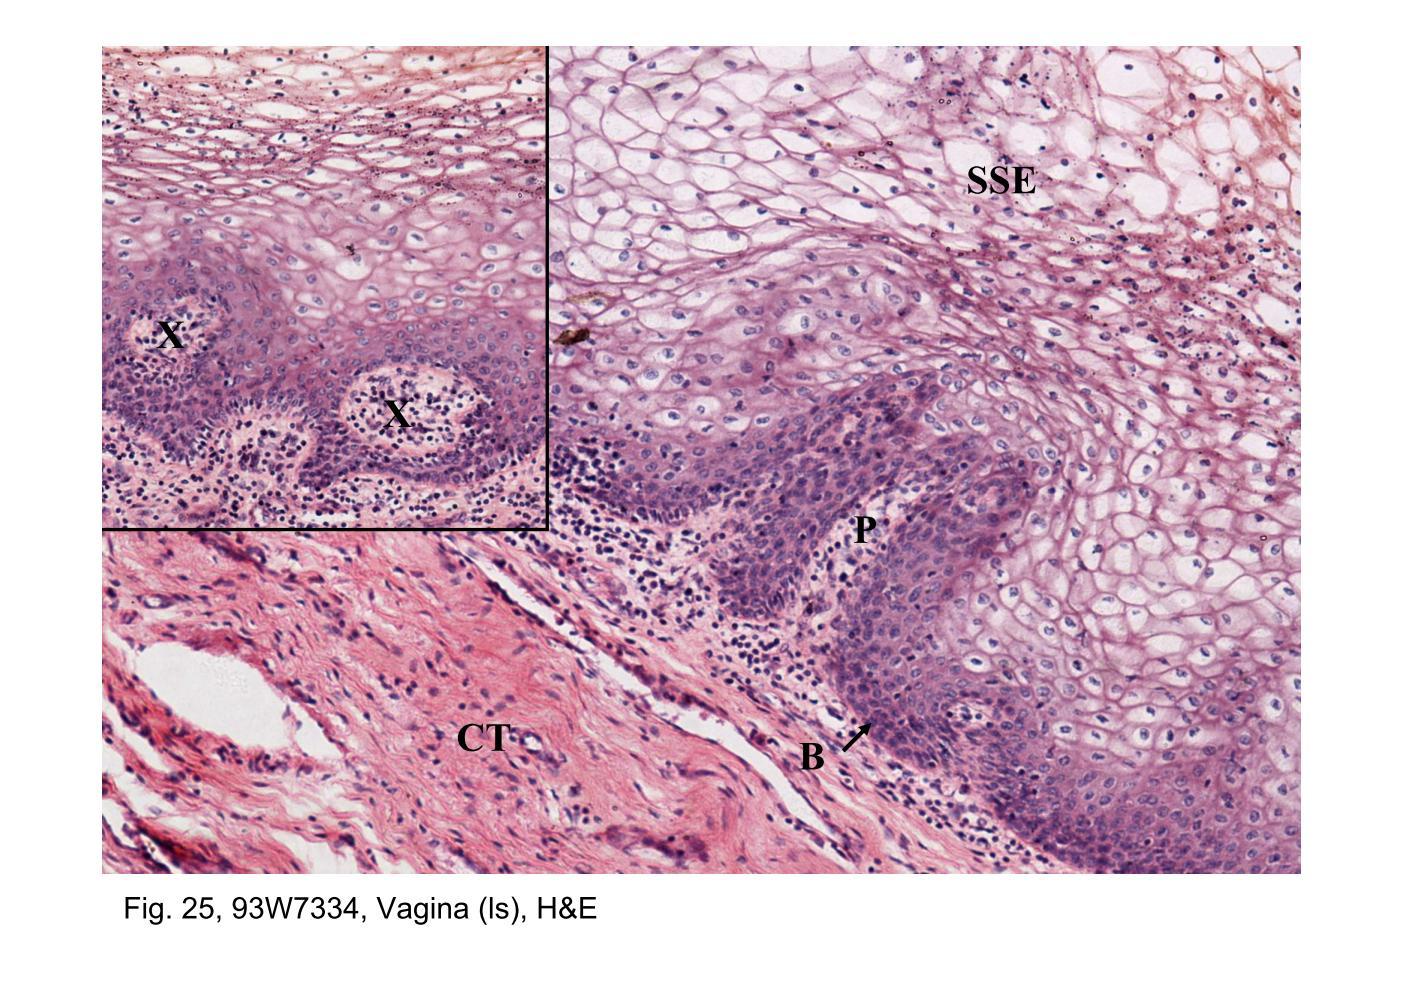 Tissue from vagina